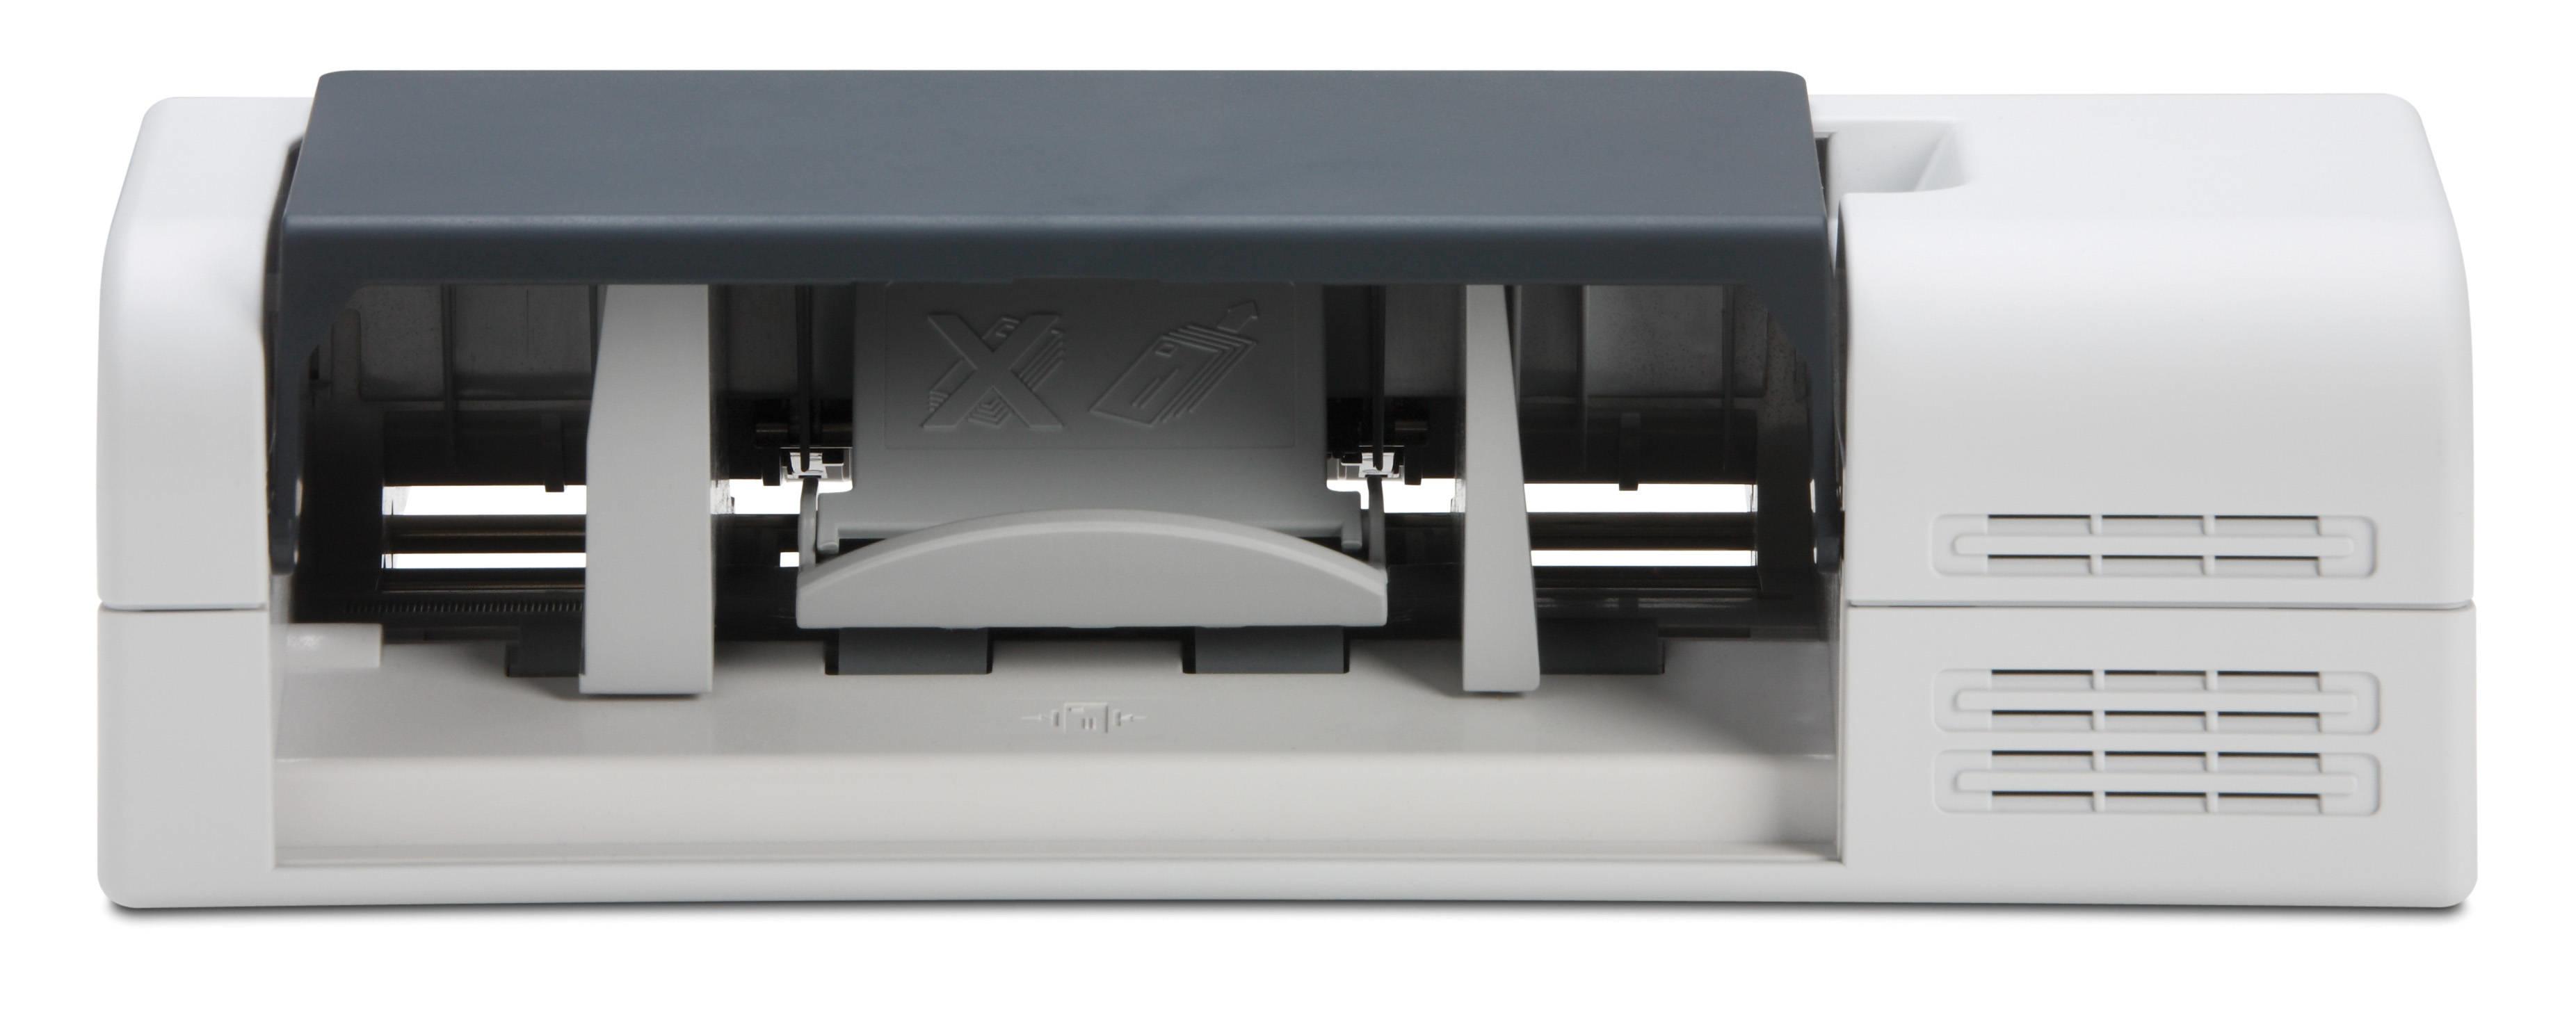 Envelope feeder - 75 sheets in 1 tray(s) - for LaserJet Enterprise M607 M608 M609 LaserJet Managed E60055 E60065 E60075